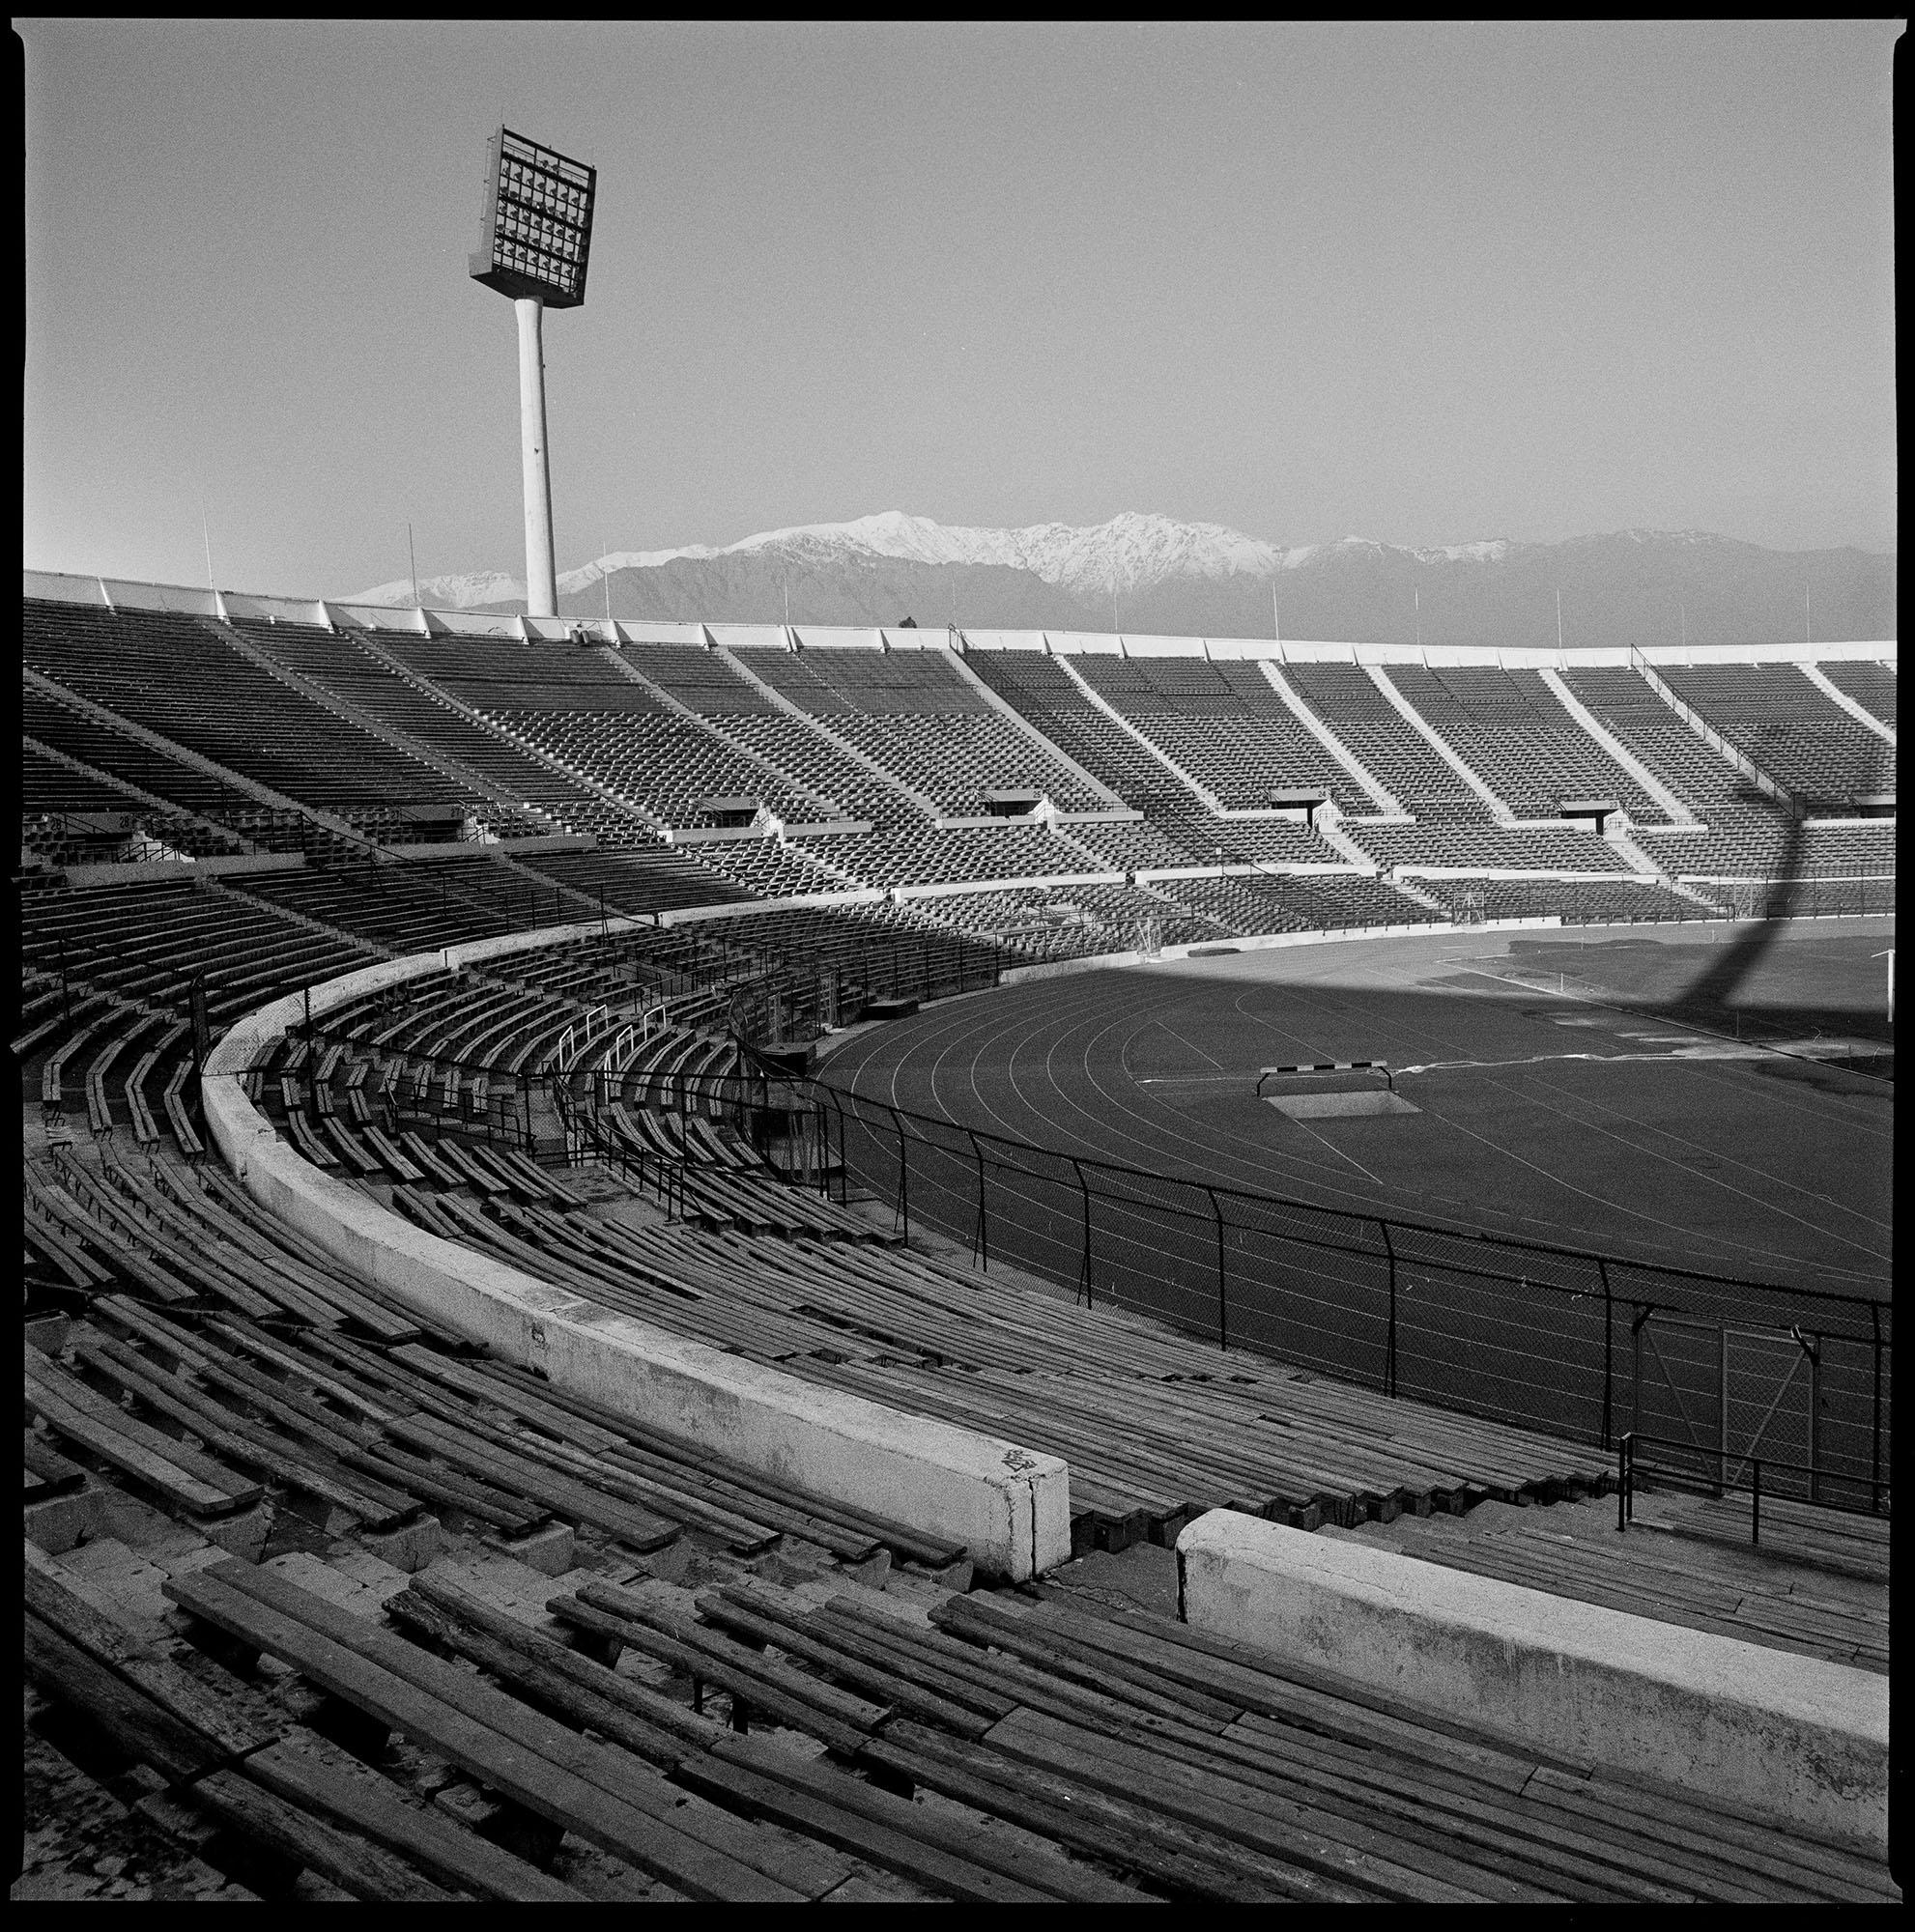 Estadio Nacional de Chile. Durante el golpe de estado de septiembre de 1973, el estadio fue utilizado como un campo de concentración donde la interrogación, la tortura y la muerte eran moneda corriente.  Fotografía tomada en Santiago de Chile en noviembre de 2008.